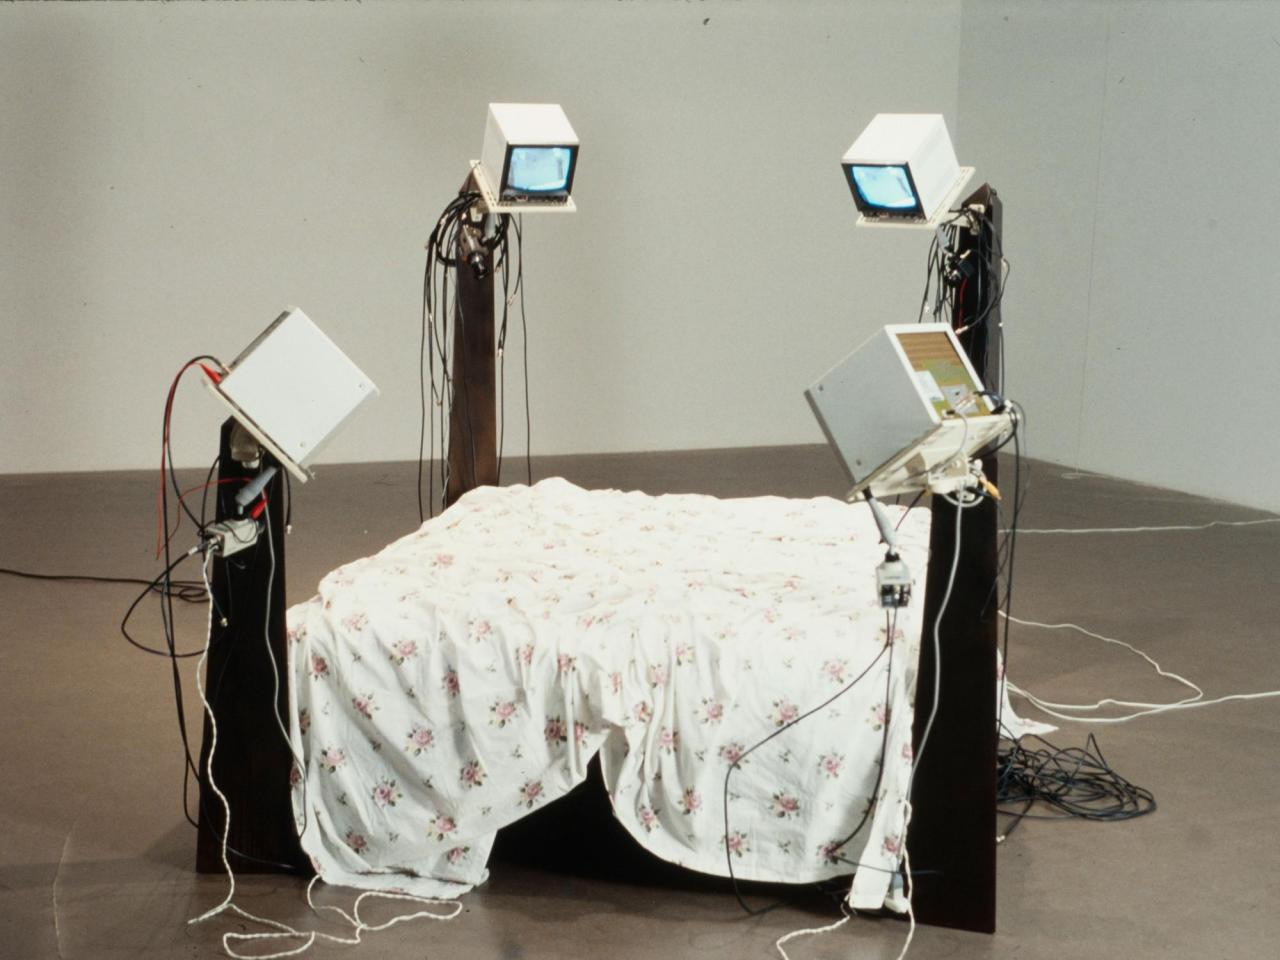 Julia Scher Surveillance Bed III , 1994 180 x 240 x 180 cm